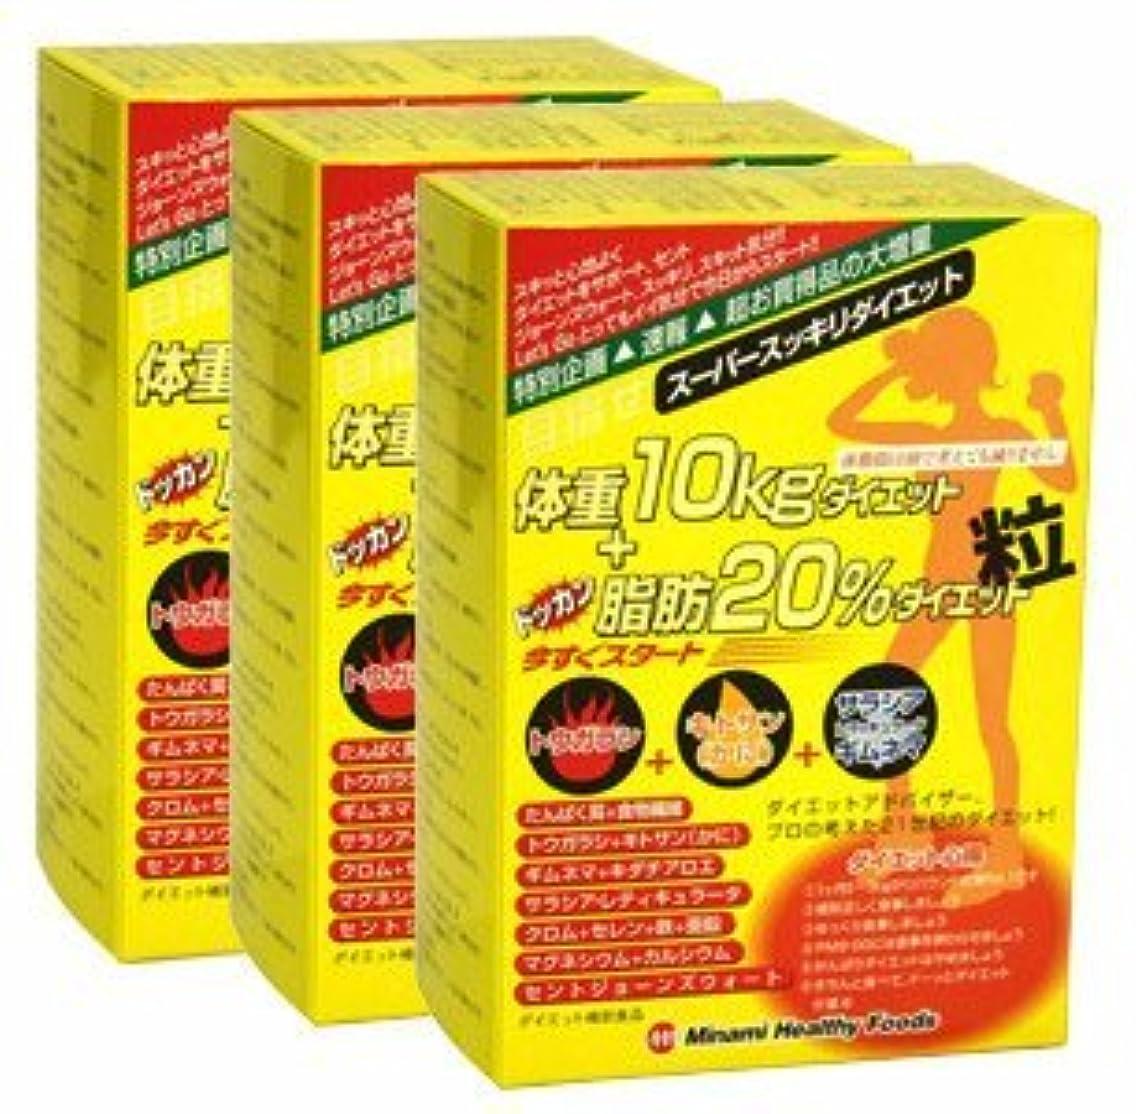 定期的なタイプライターましい目指せ体重10kg+ドッカン脂肪20%ダイエット粒【3箱セット】ミナミヘルシーフーズ